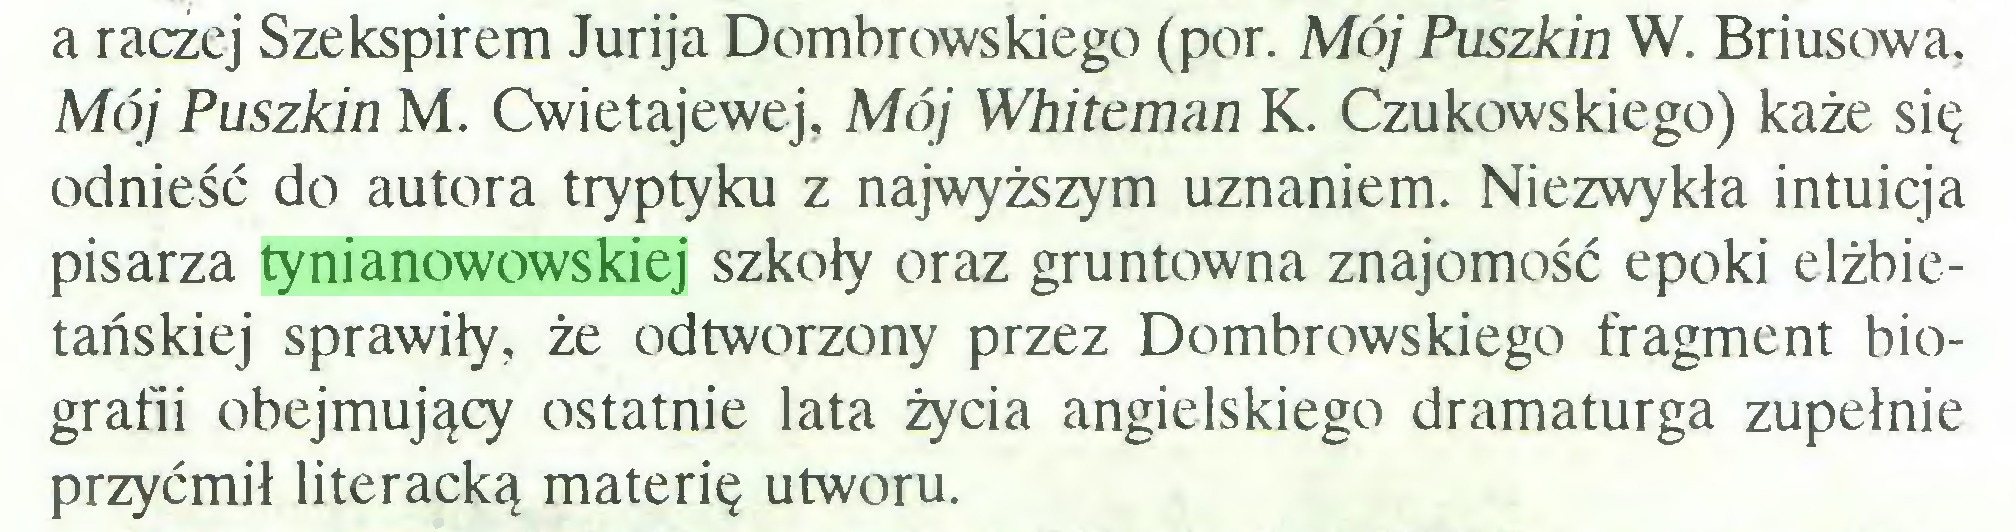 (...) a raczej Szekspirem Jurija Dombrowskiego (por. Mój Puszkin W. Briusowa, Mój Puszkin M. Cwietajewej, Mój Whitcman K. Czukowskiego) każe się odnieść do autora tryptyku z najwyższym uznaniem. Niezwykła intuicja pisarza tynianowowskiej szkoły oraz gruntowna znajomość epoki elżbietańskiej sprawiły, że odtworzony przez Dombrowskiego fragment biografii obejmujący ostatnie lata życia angielskiego dramaturga zupełnie przyćmił literacką materię utworu...